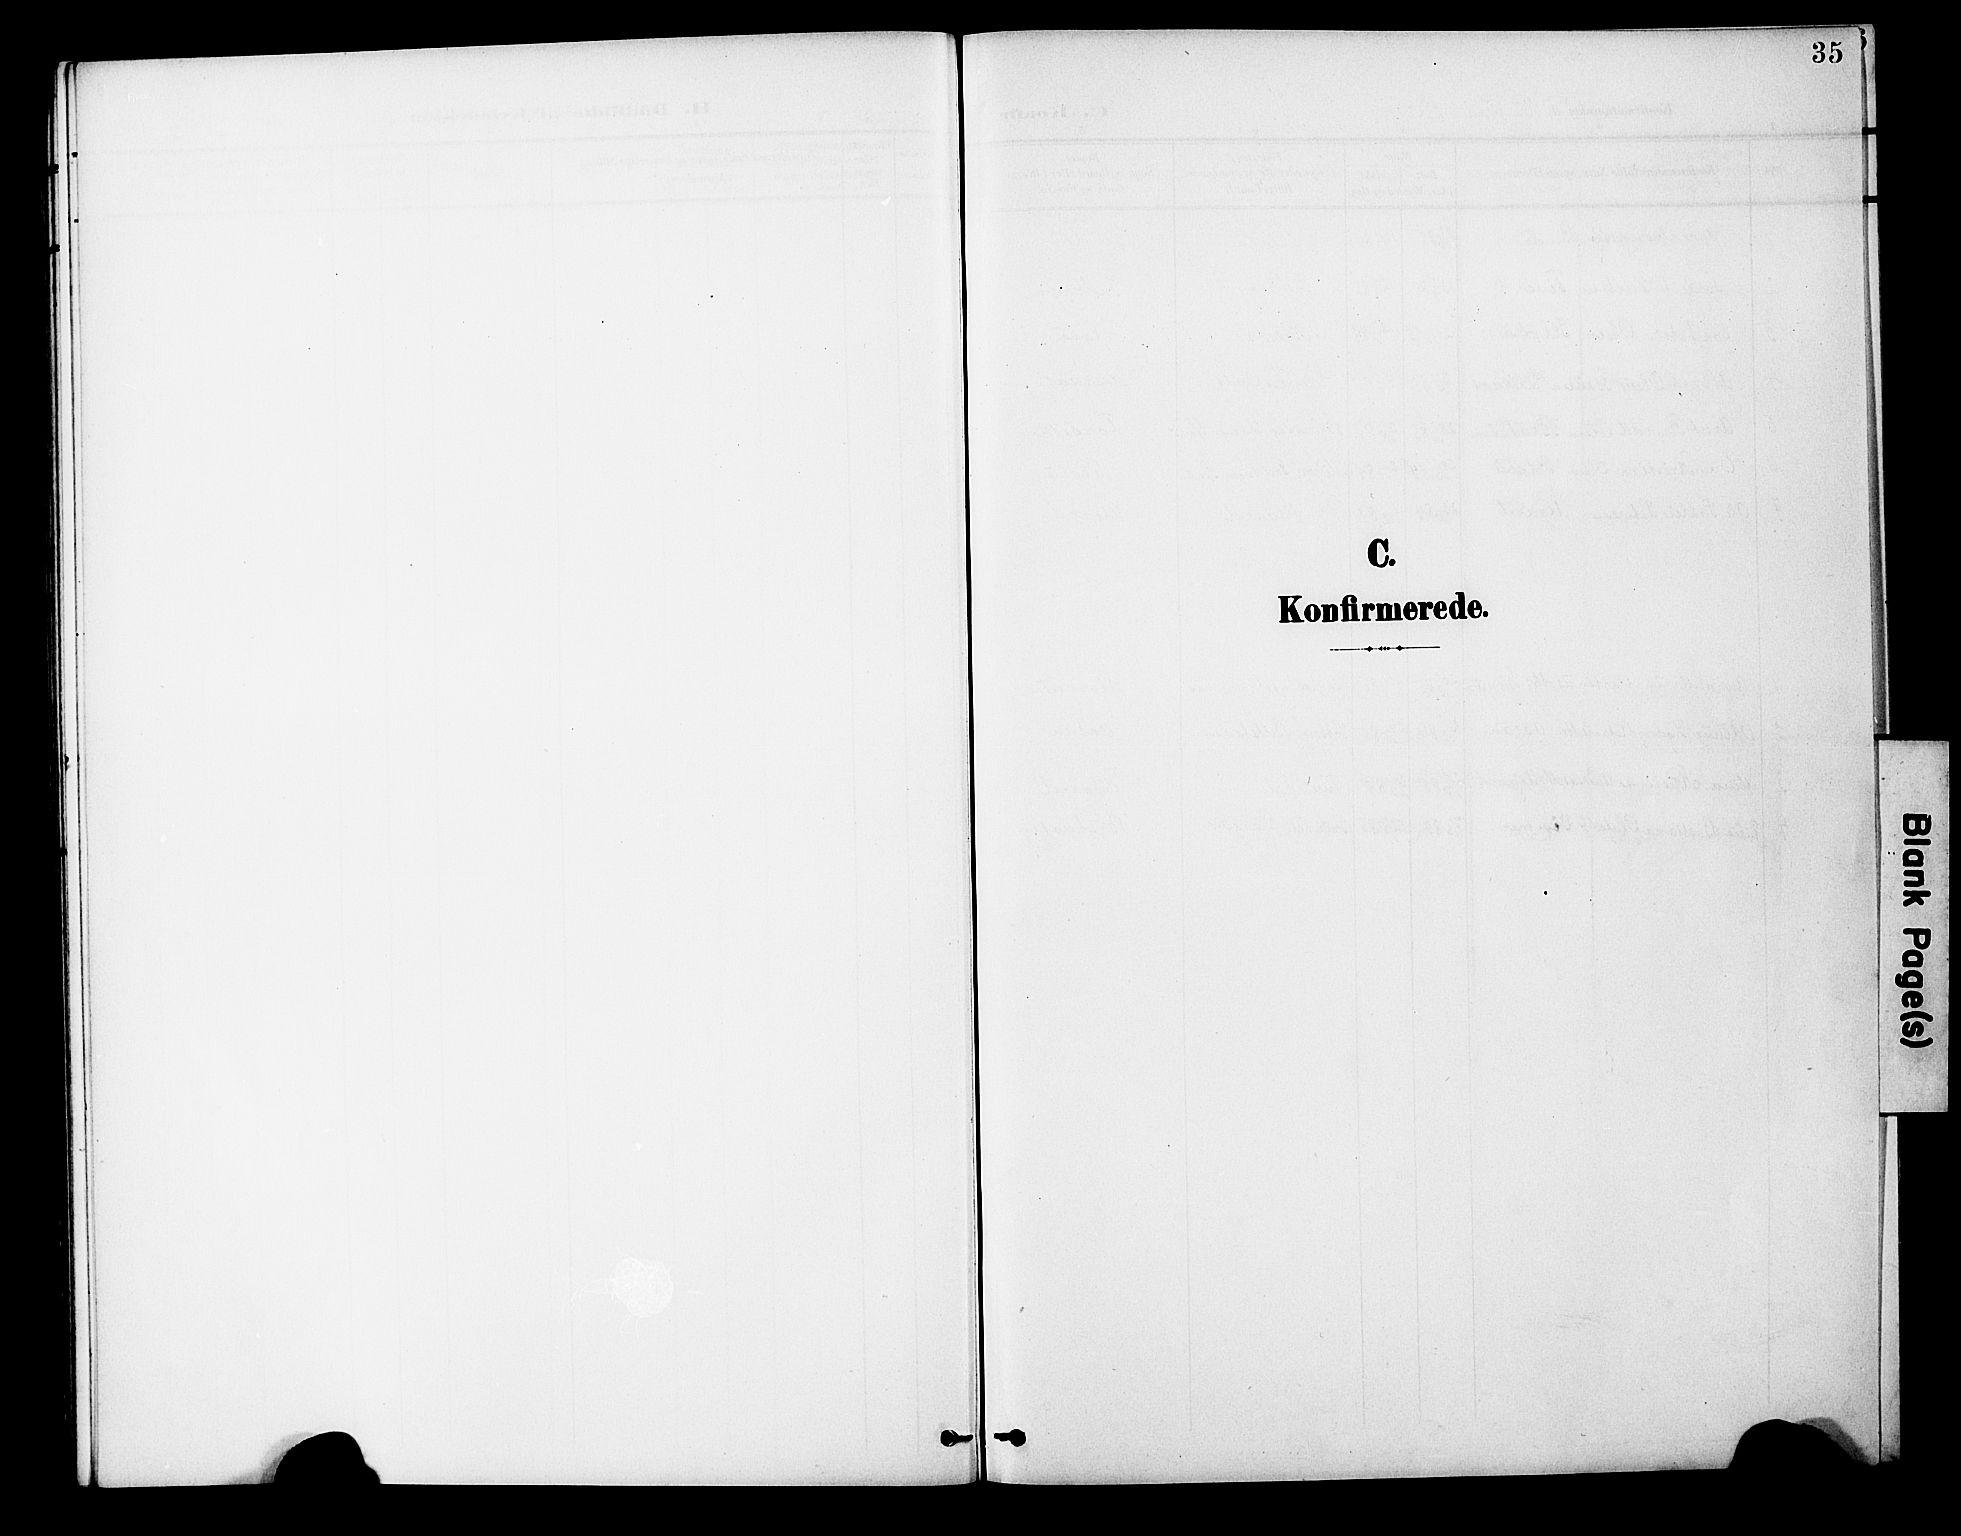 SAT, Ministerialprotokoller, klokkerbøker og fødselsregistre - Nord-Trøndelag, 746/L0452: Ministerialbok nr. 746A09, 1900-1908, s. 35